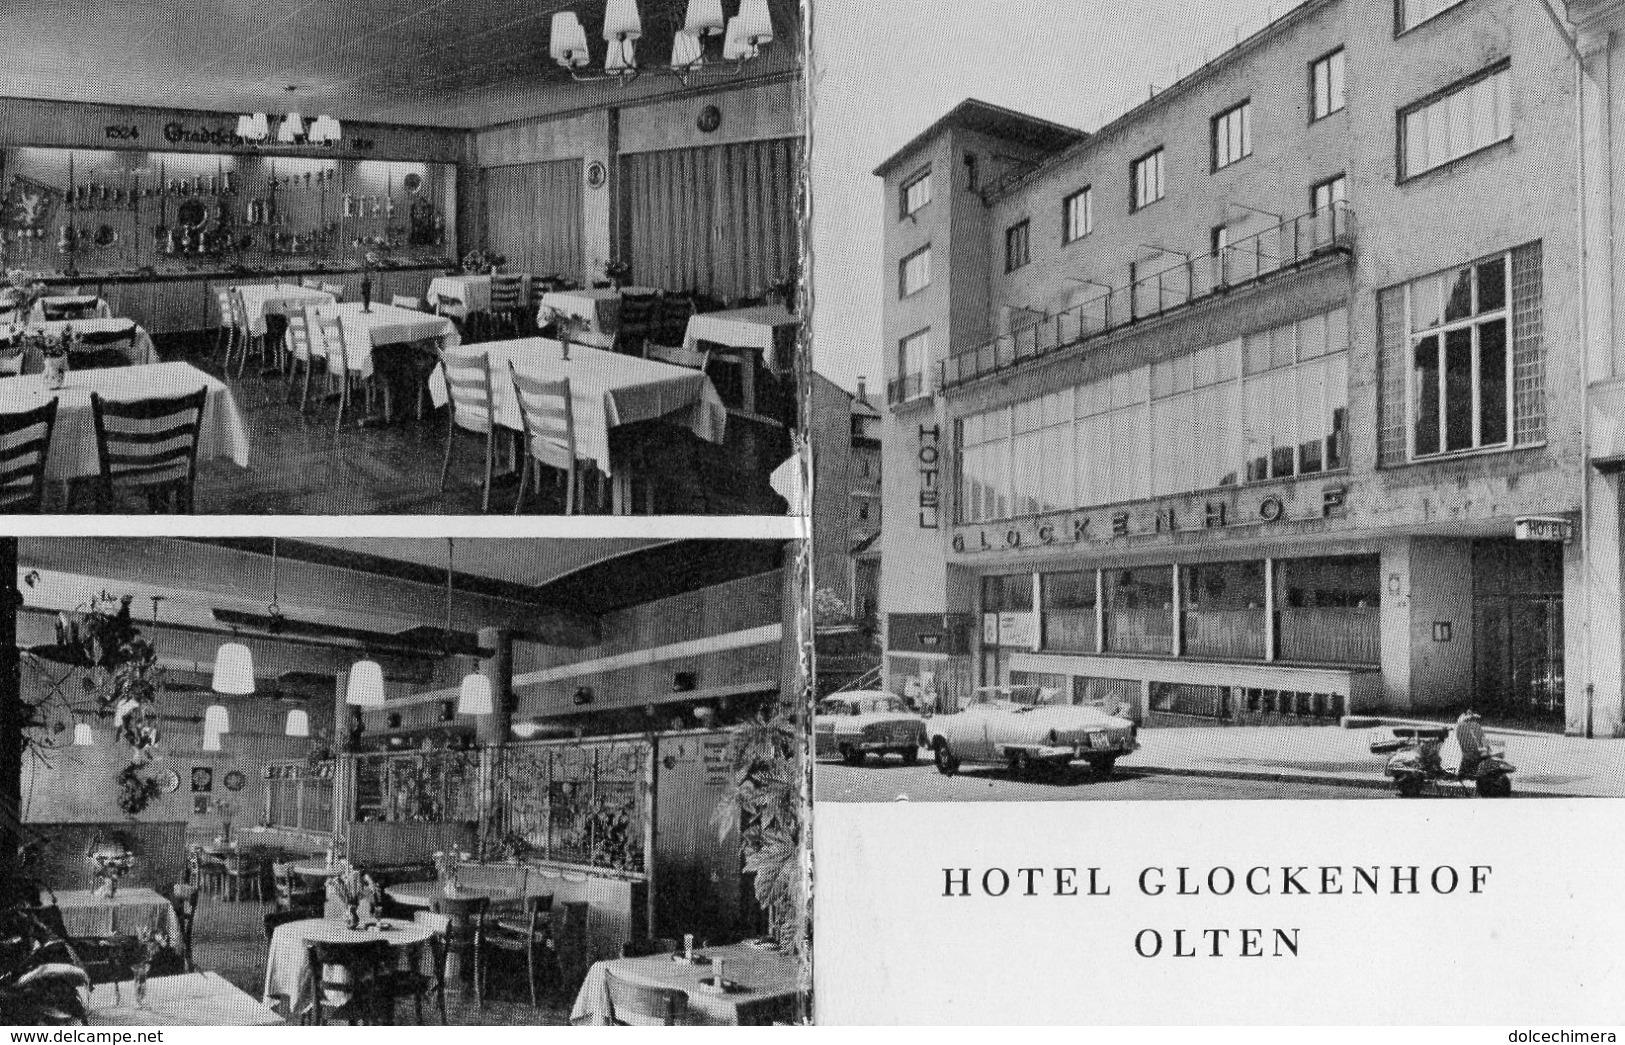 SVIZZERA-OLTEN-HOTEL GLOCKENHOF-CARTONCINO PUBBLICITARIO-ANNI 50-VESPA-AUTO D'EPOCA - Hotel Labels